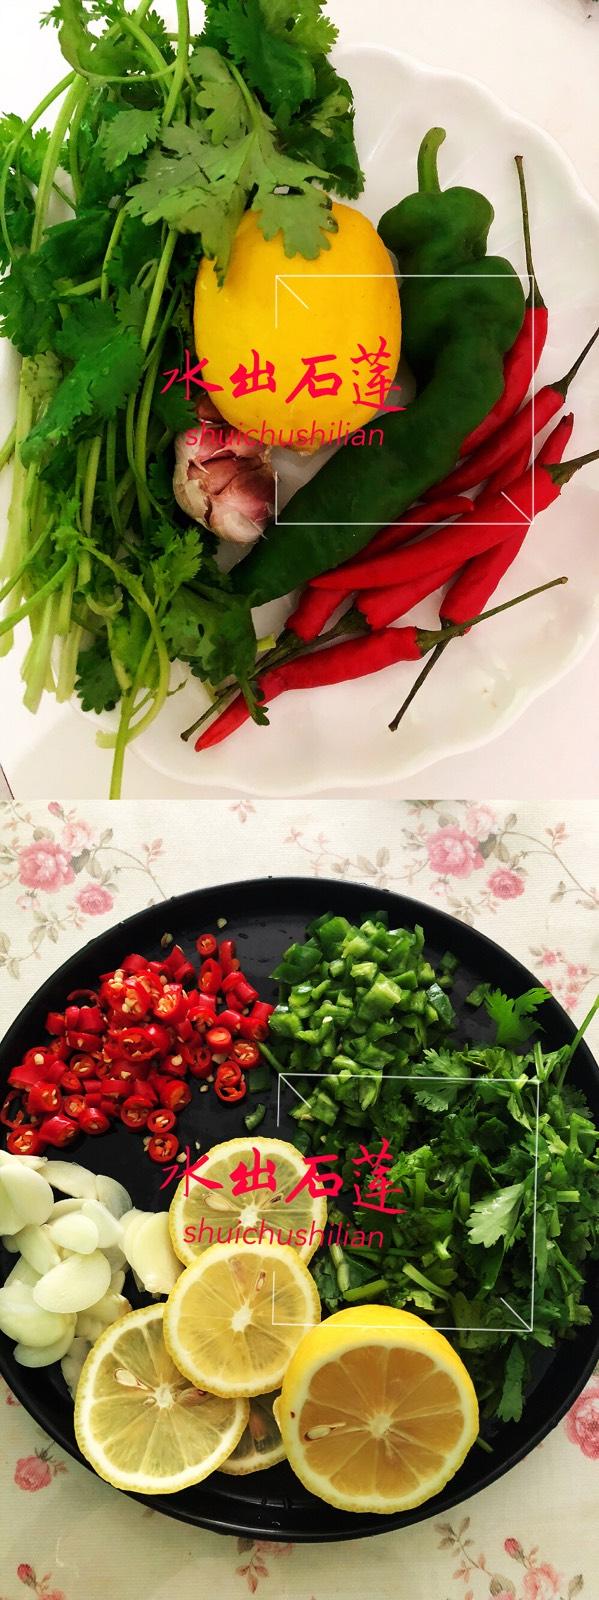 网红柠檬鸡爪来一波连云港市渔乐春海苔有限公司图片